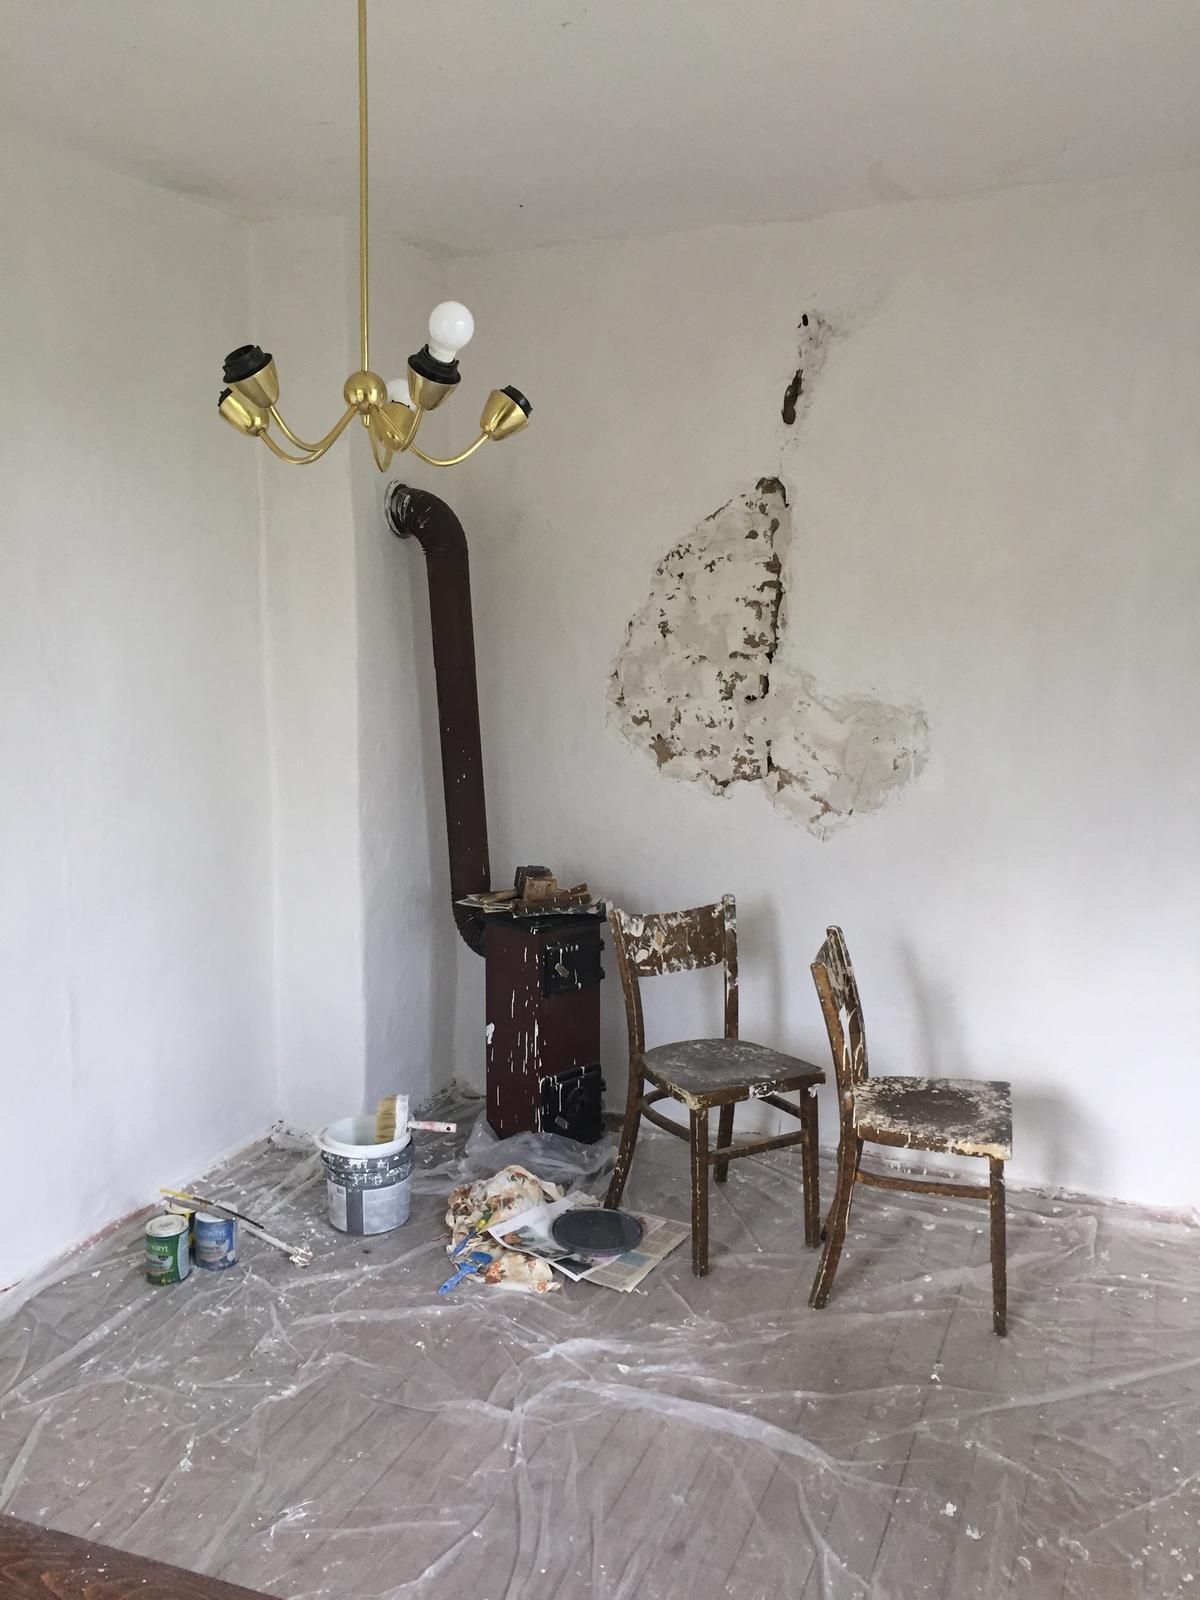 Perníková chalúpka - zatrela som aj nedorobenu stenu, ak sa nastvem tak to prehlasim za umenie a necham to tak ;)